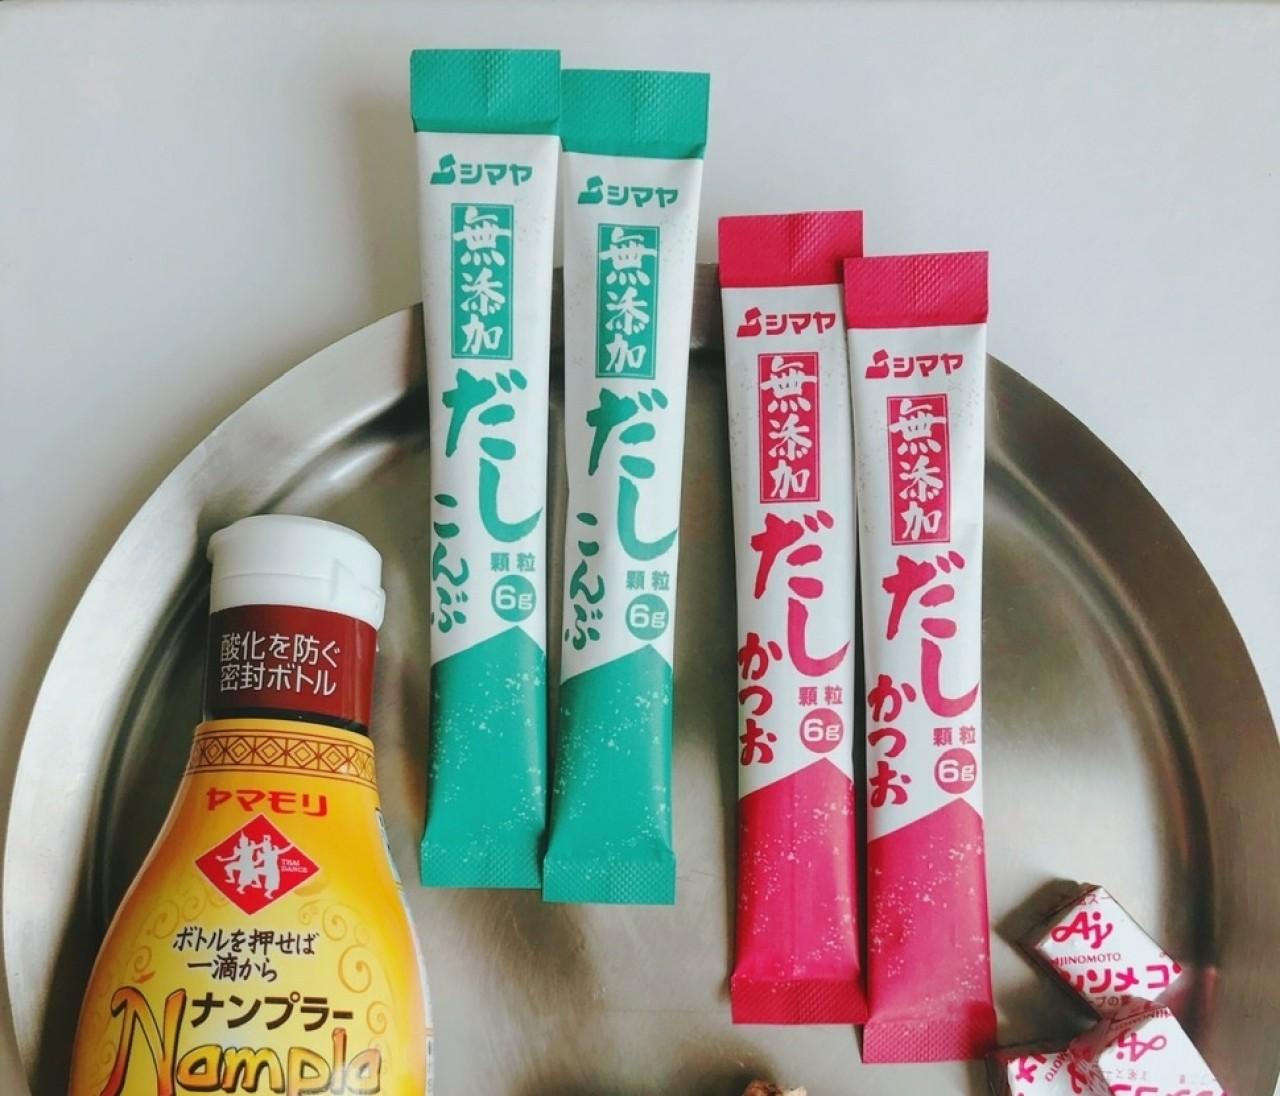 <Atsushiさんが解説>味が薄いと思ったら、塩よりコレ! 知って得する「うまみ」のかけ算